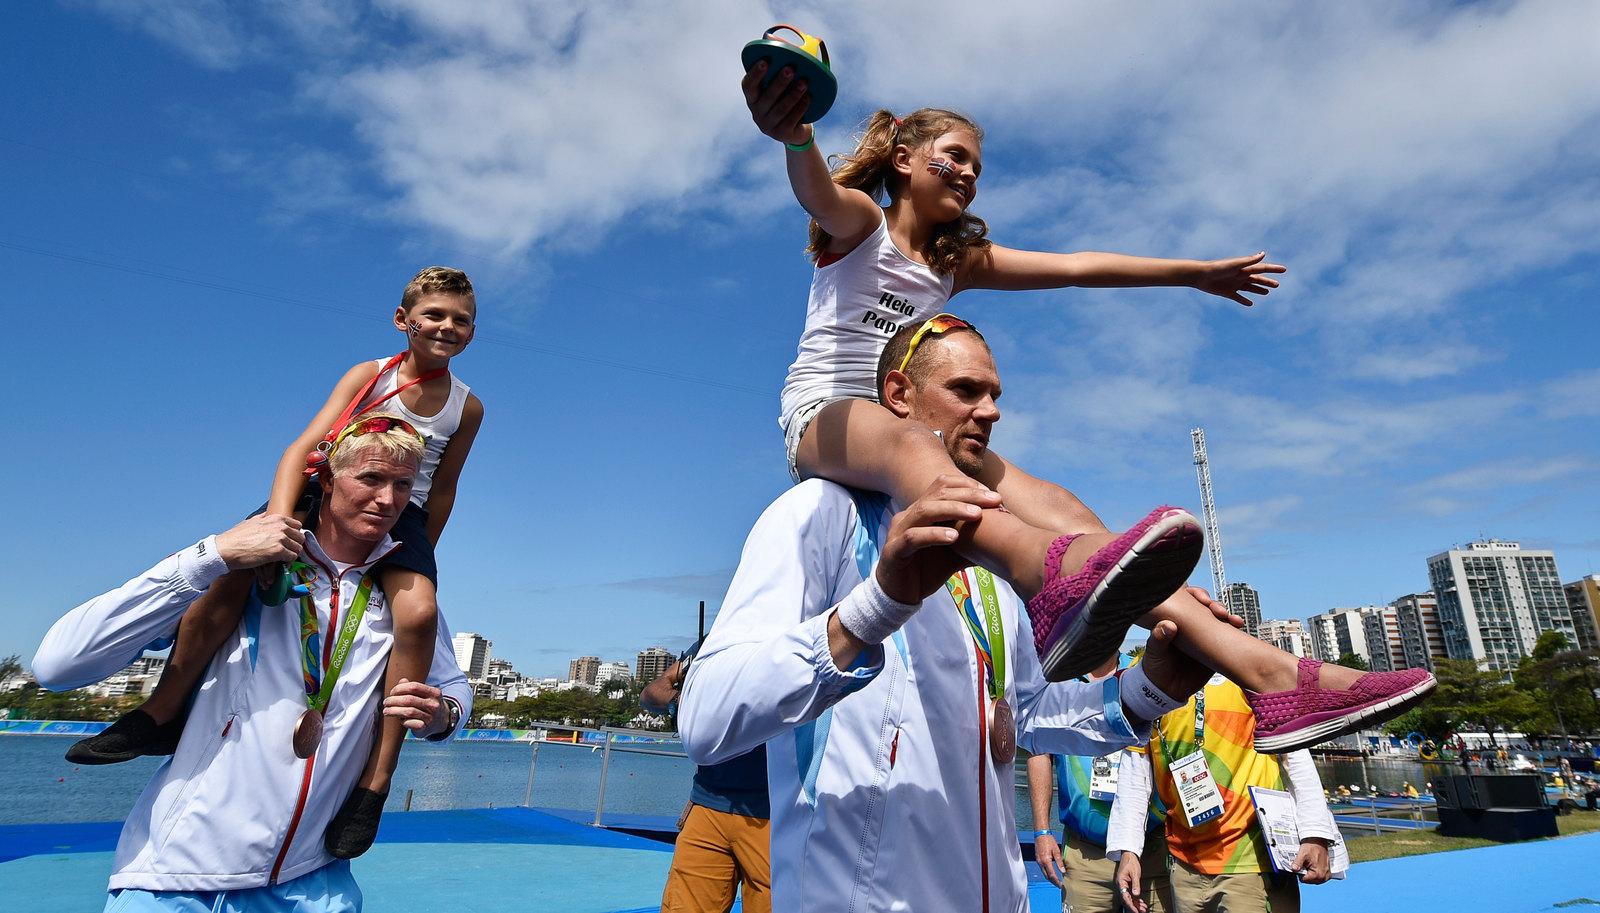 Бронзовые призеры из Норвегии в гребном слаломе со своими детьми на награждении